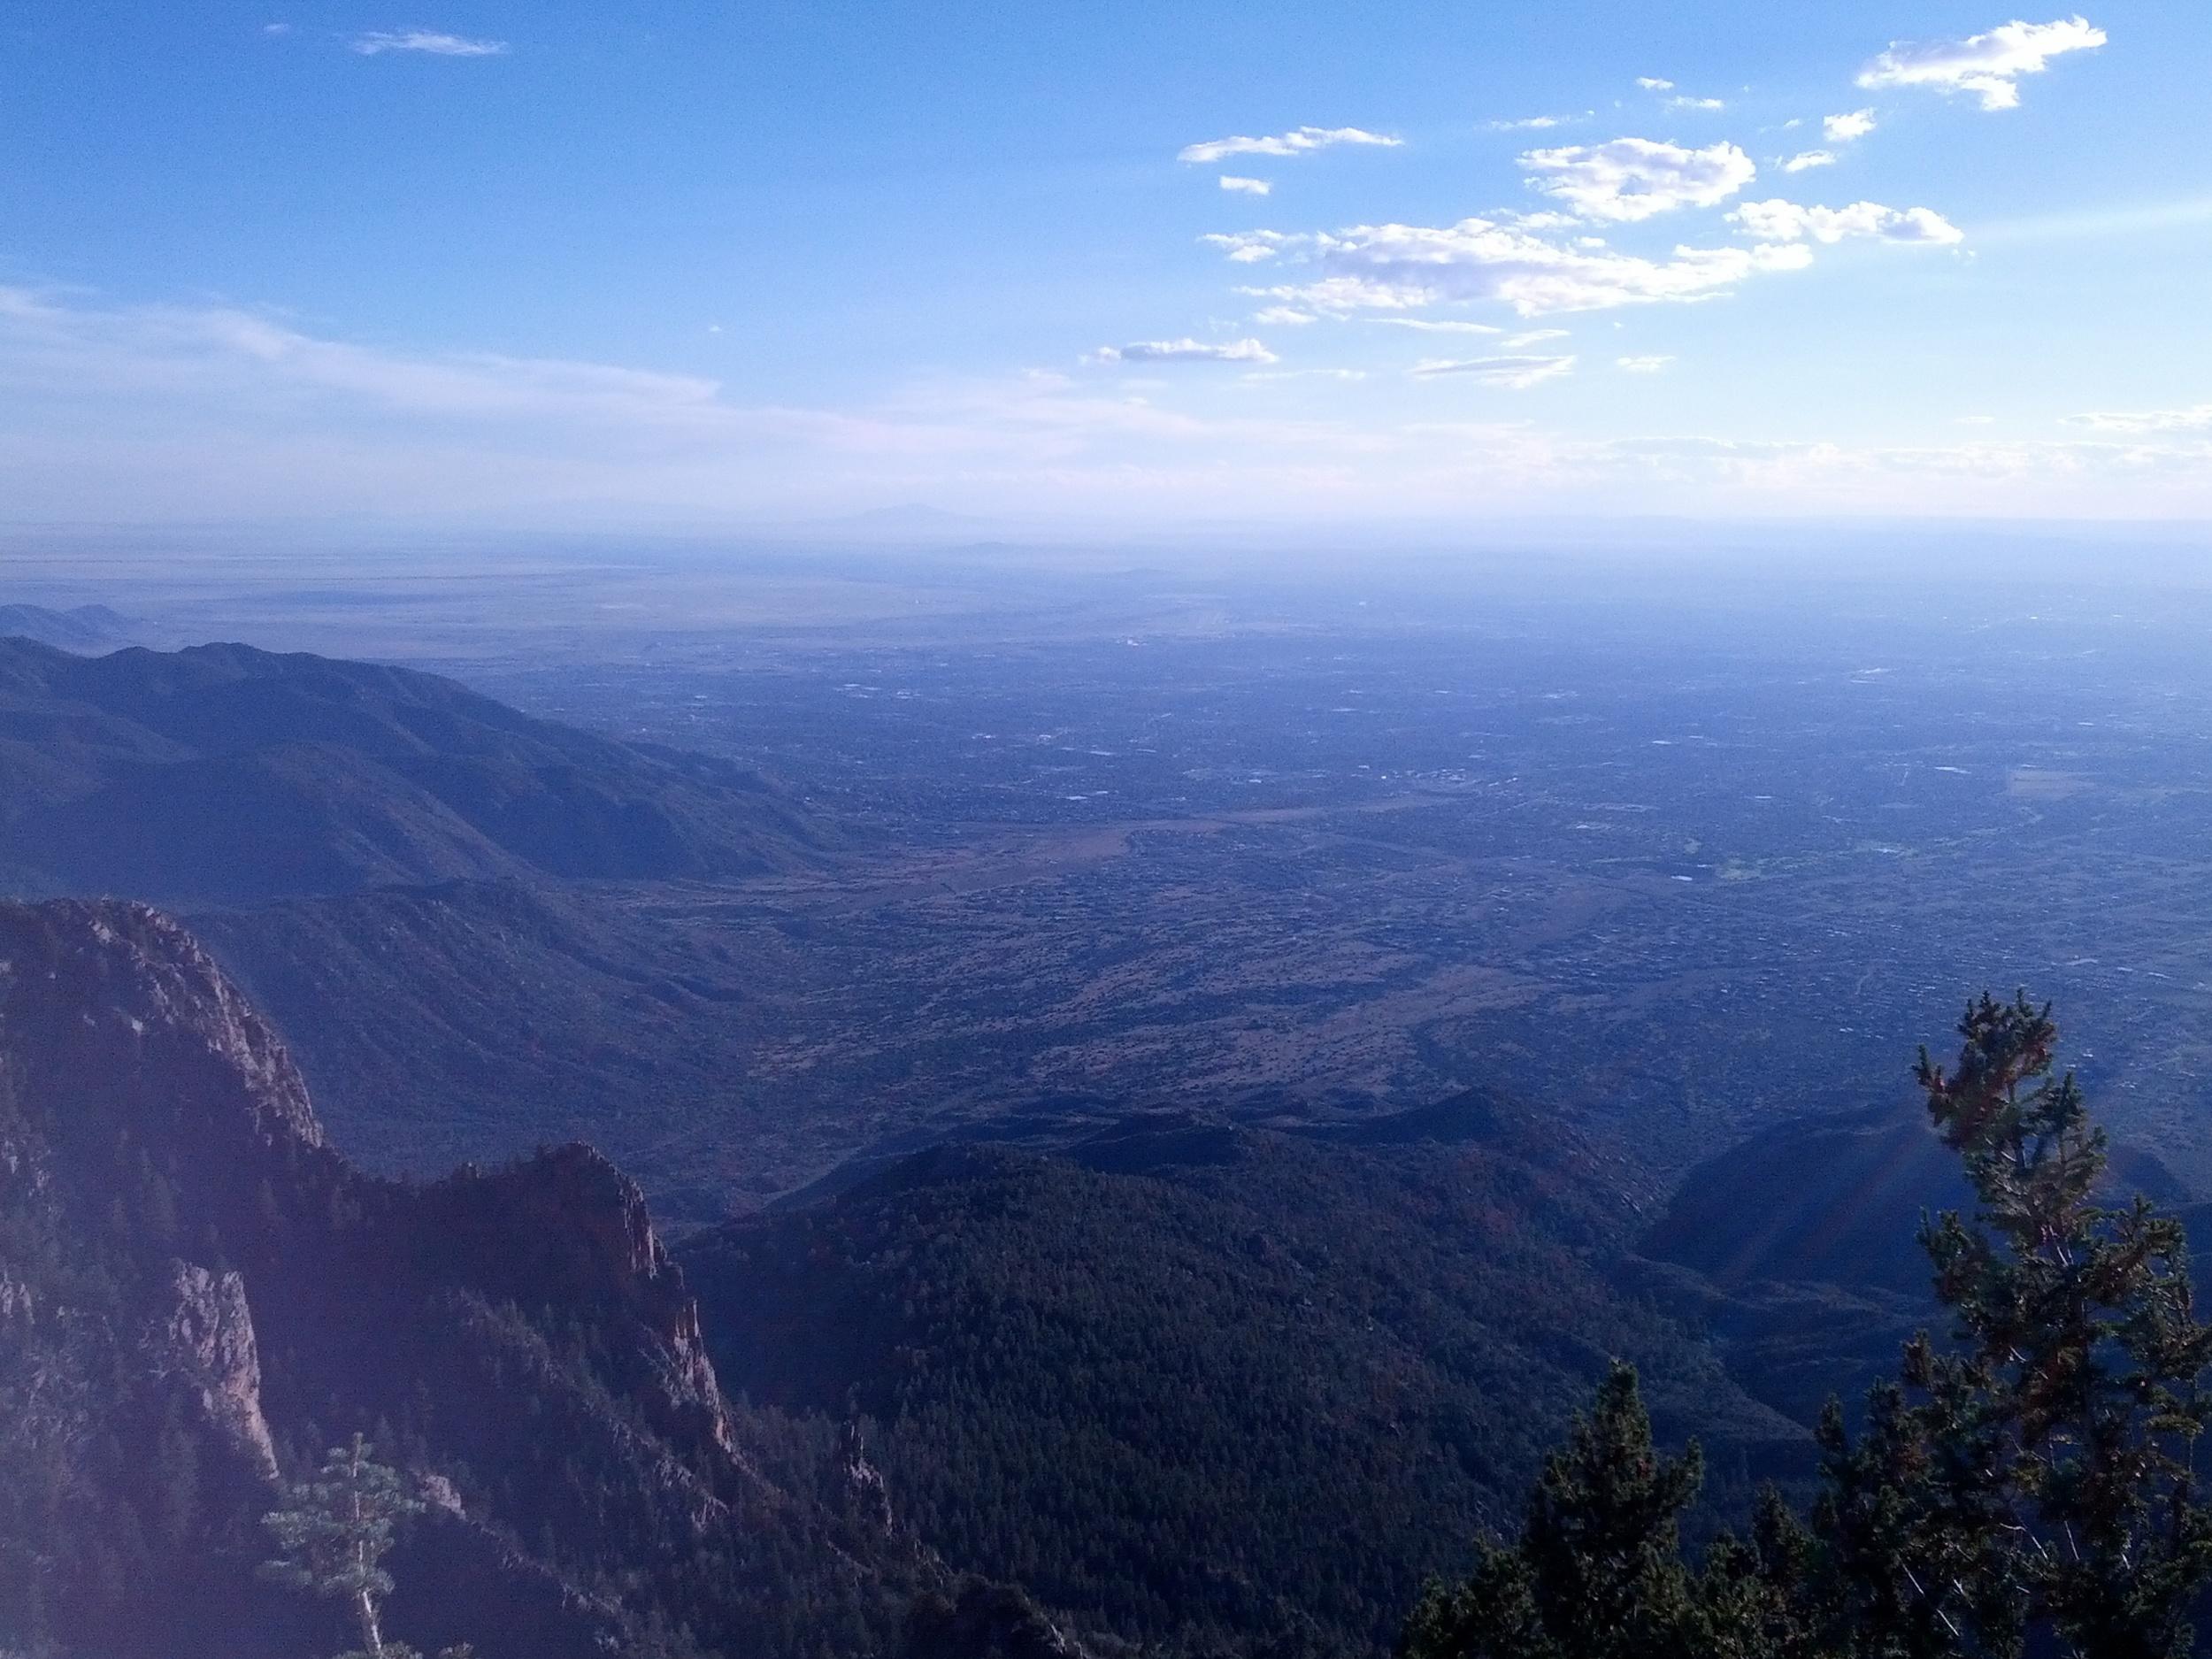 2013-09-19 Sandia Peak Tramway, Albuquerque NM (40).jpg